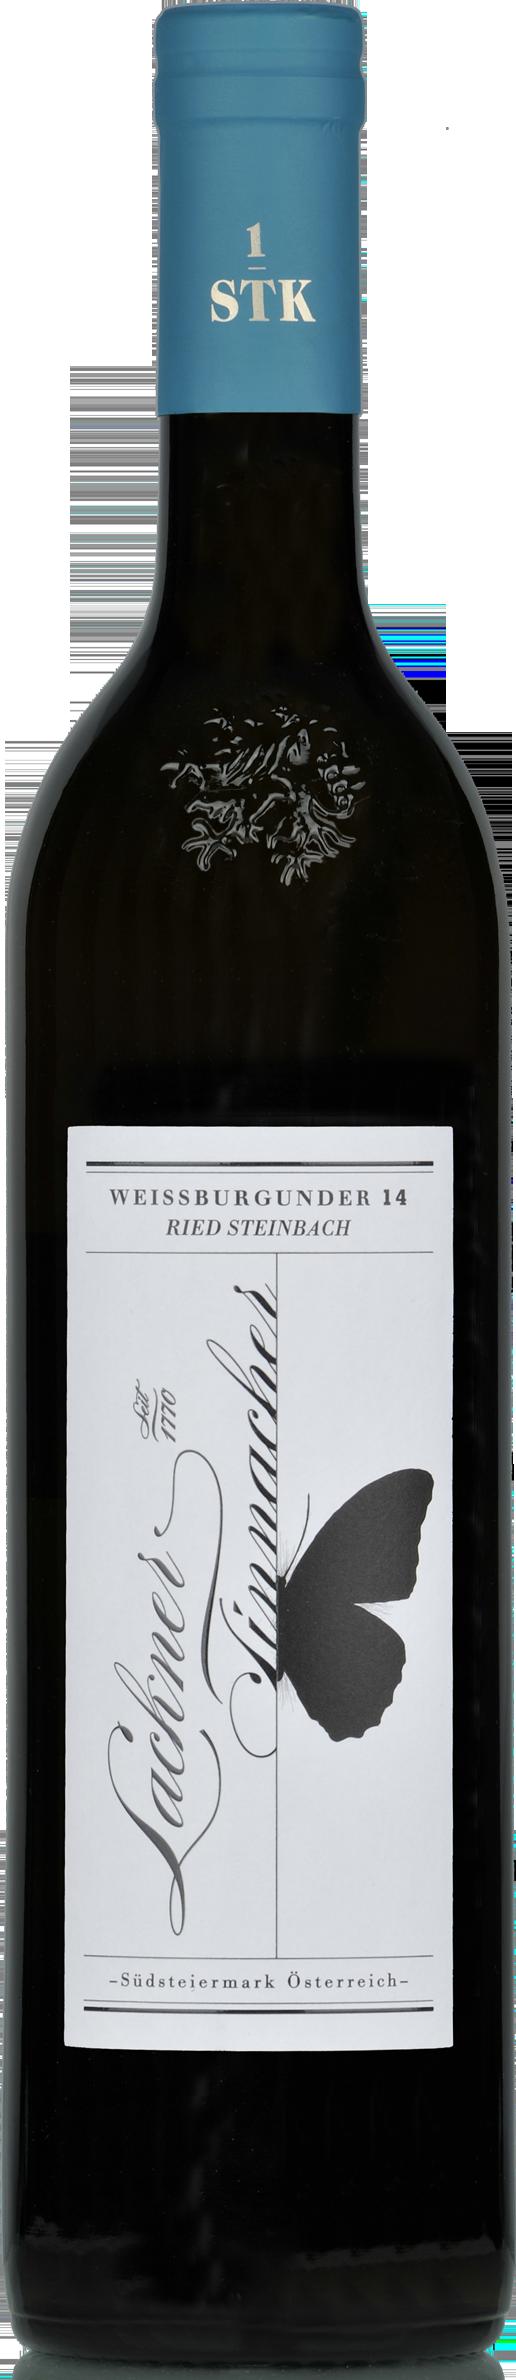 Weissburgunder Steinbach 14_klein